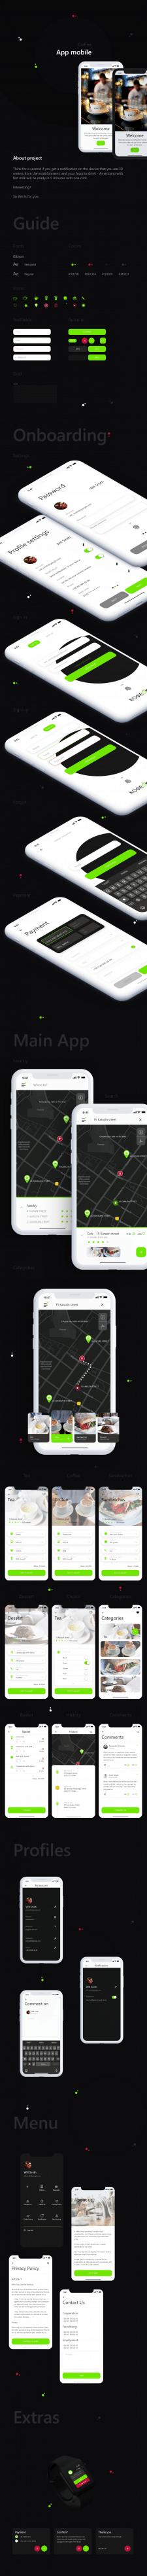 Дизайн мобильного приложения СoffeeOK